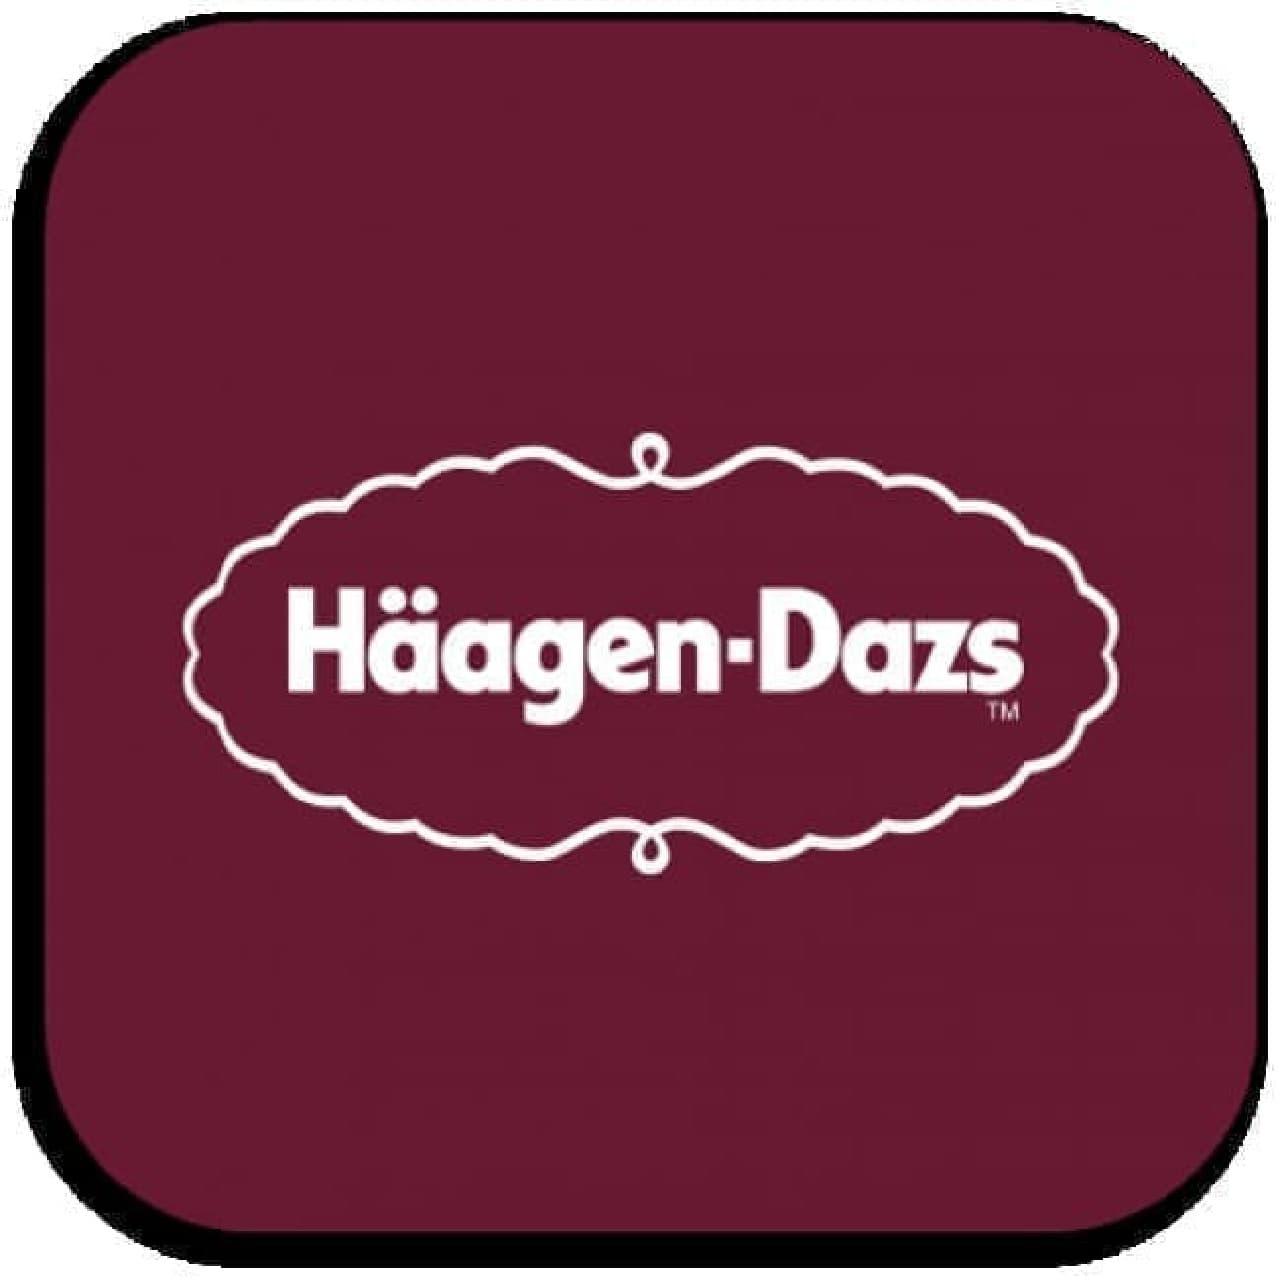 ハーゲンダッツ「おうちdeスイーツ」キャンペーン